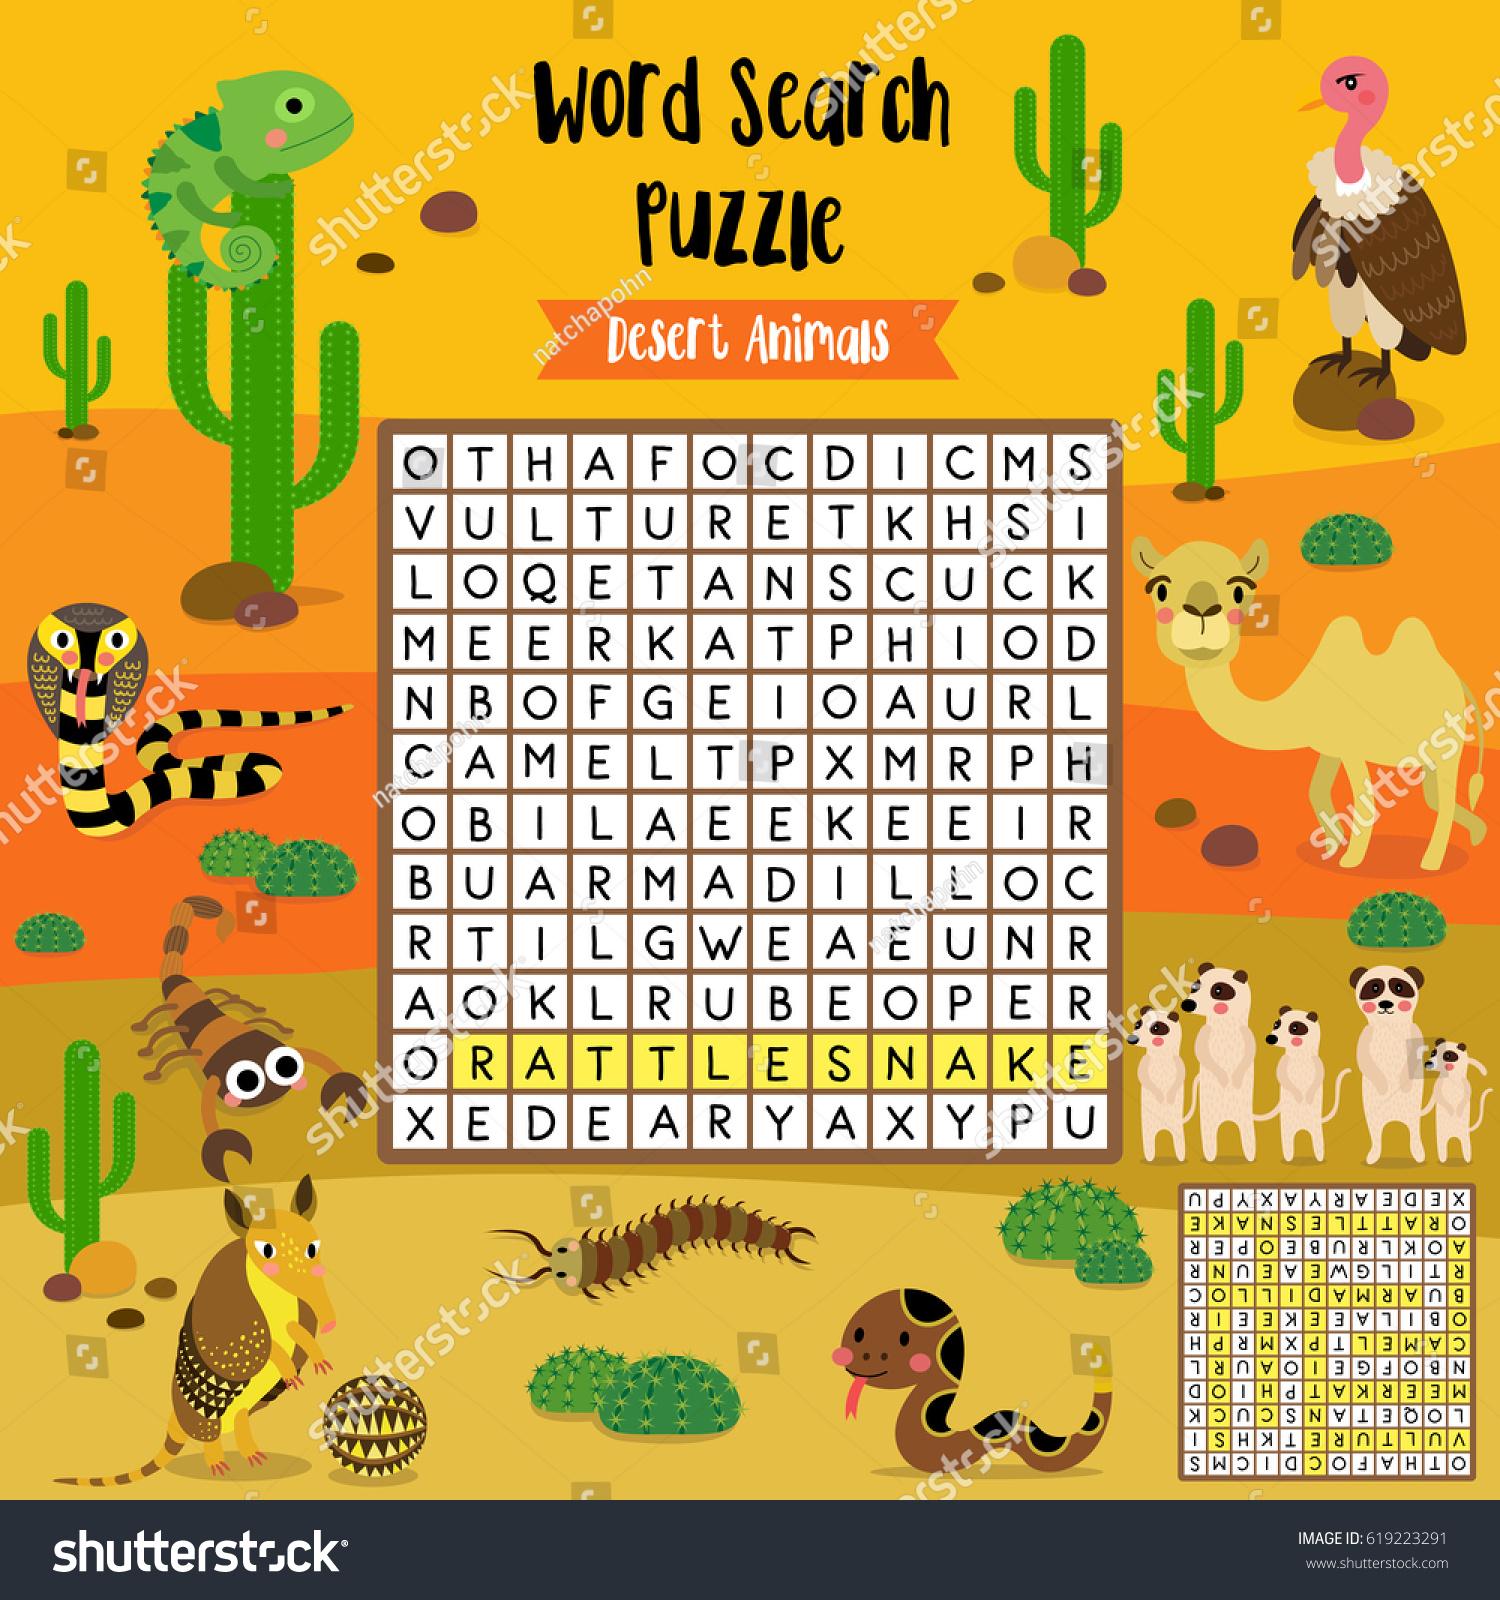 Desert Animal Matching Worksheets For Preschool on Desert Animals Crafts For Preschoolers